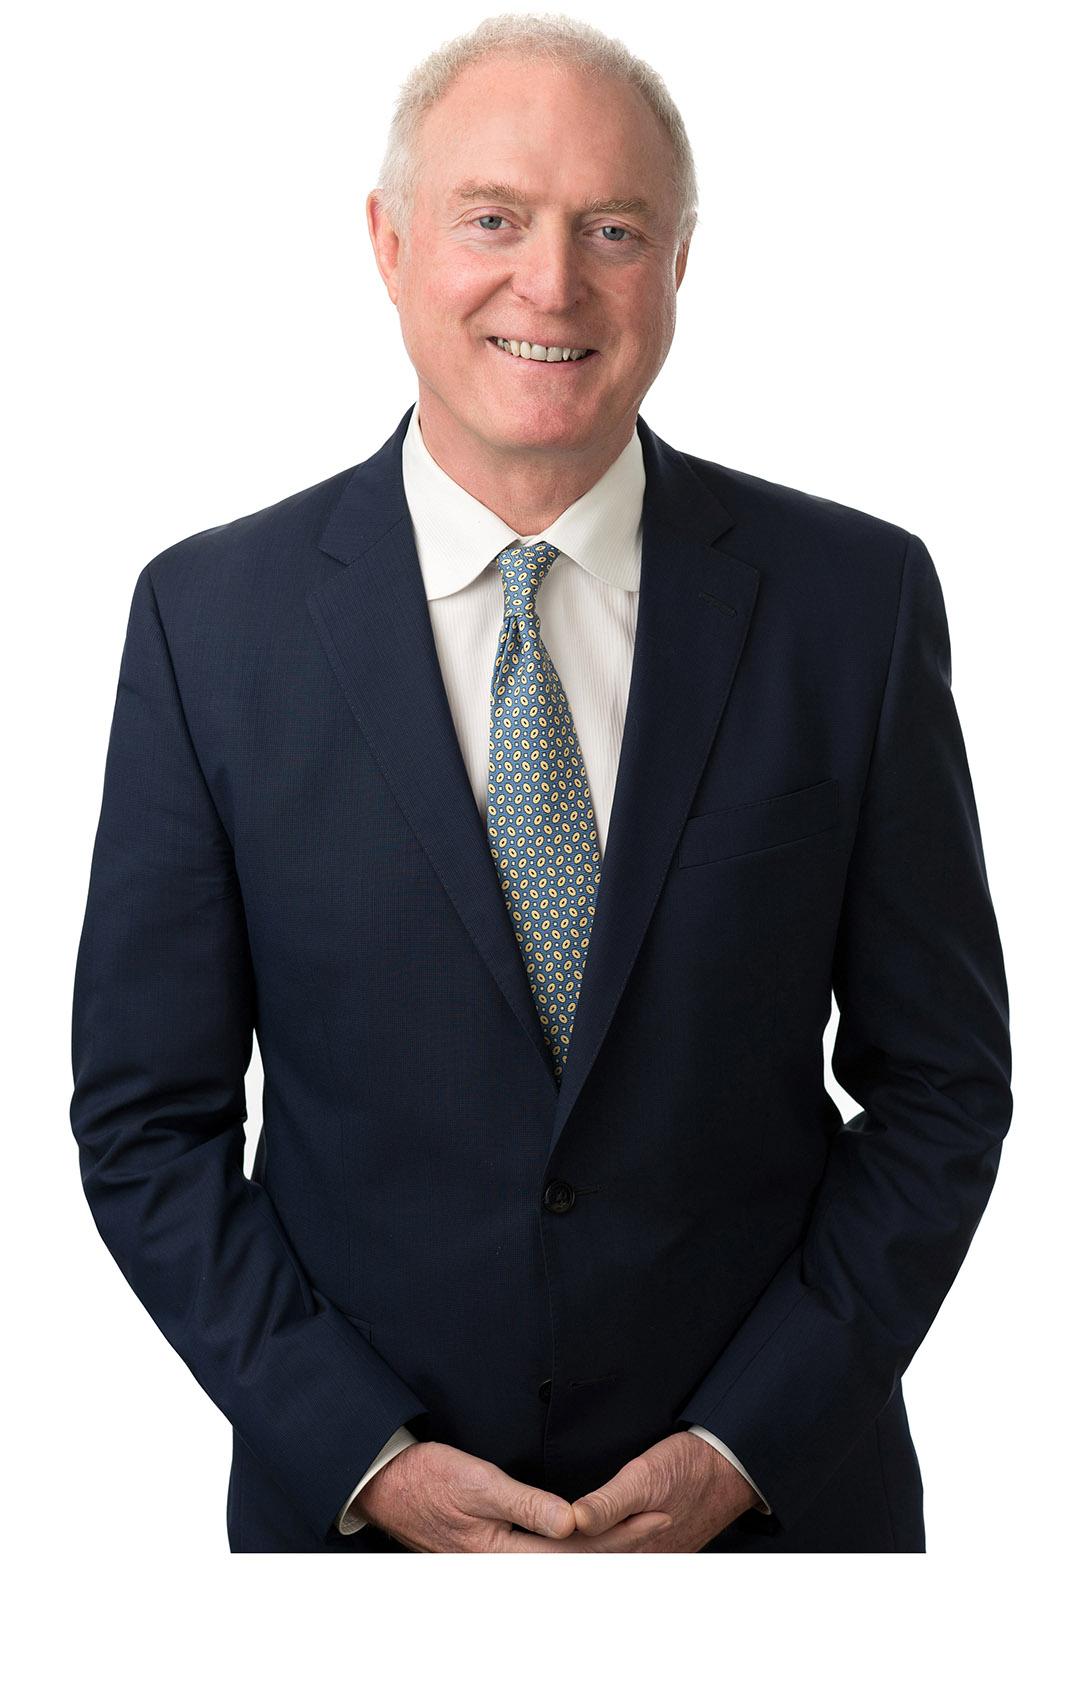 John B. Hagerty